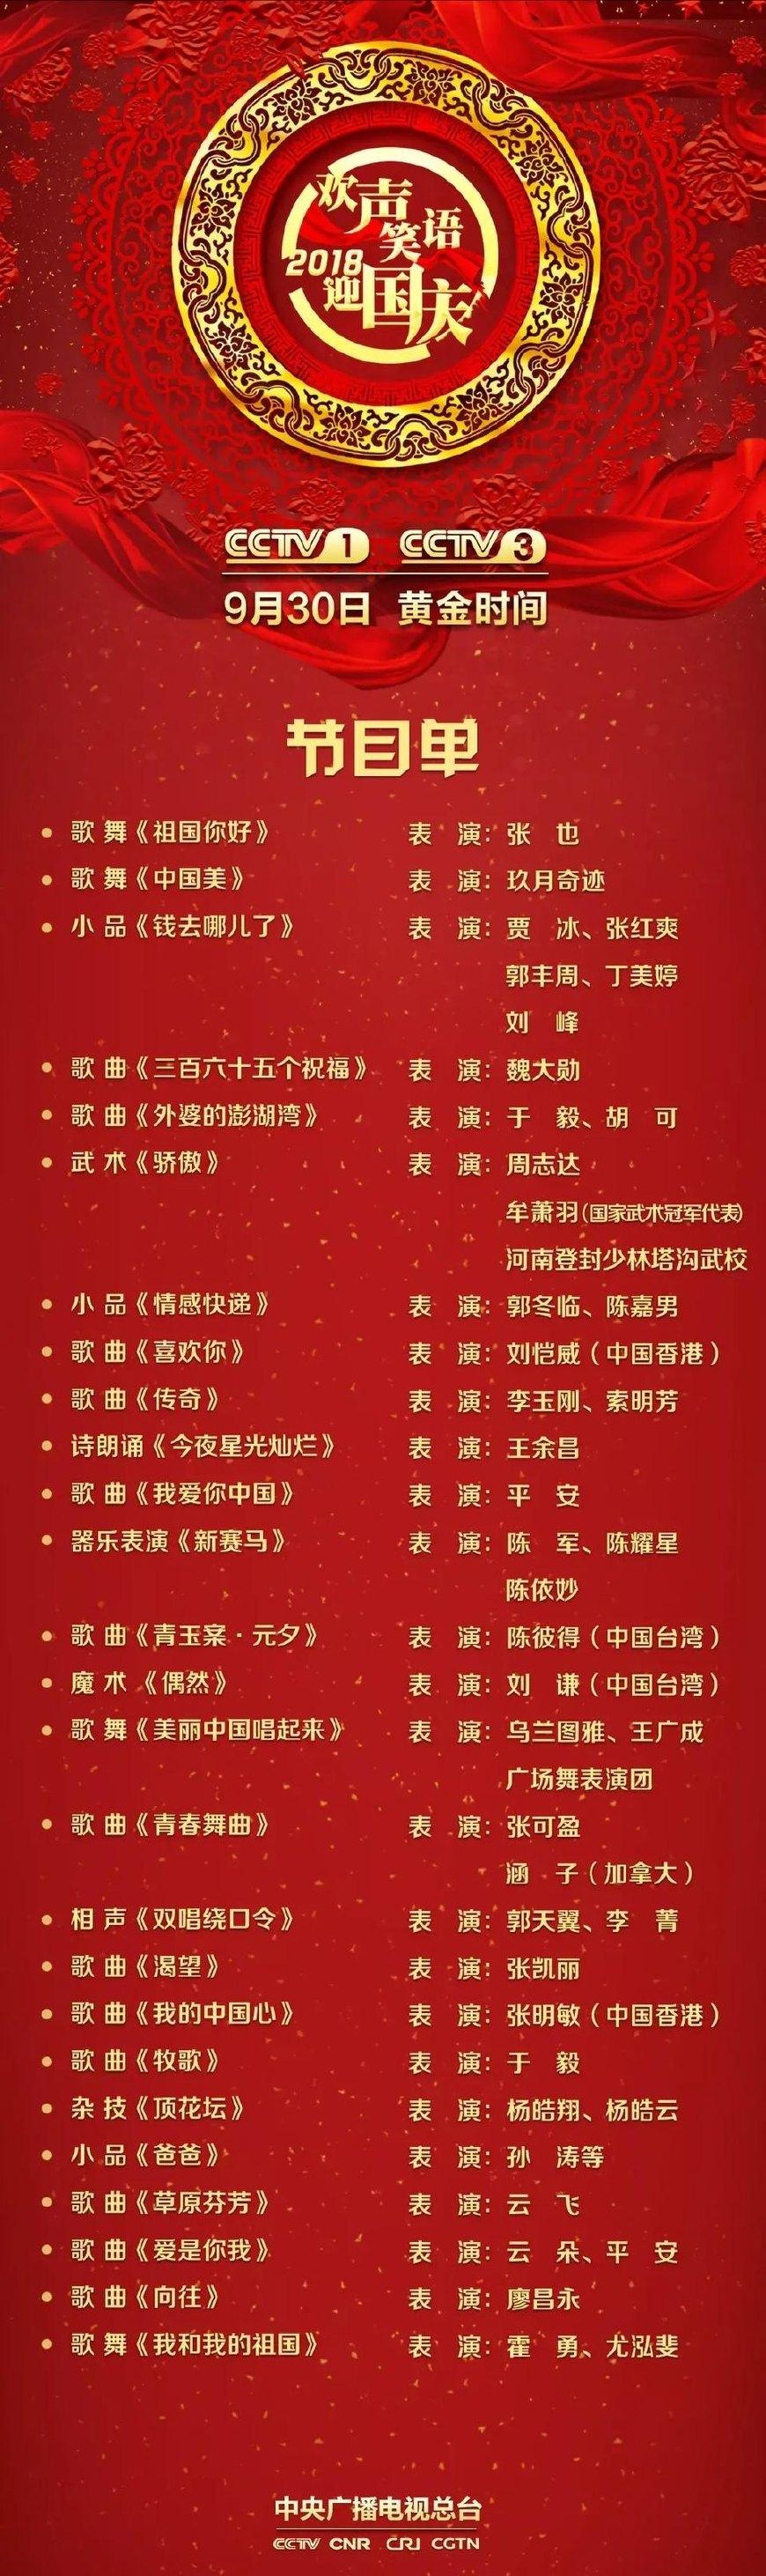 二,《中国梦·祖国颂》国庆晚会